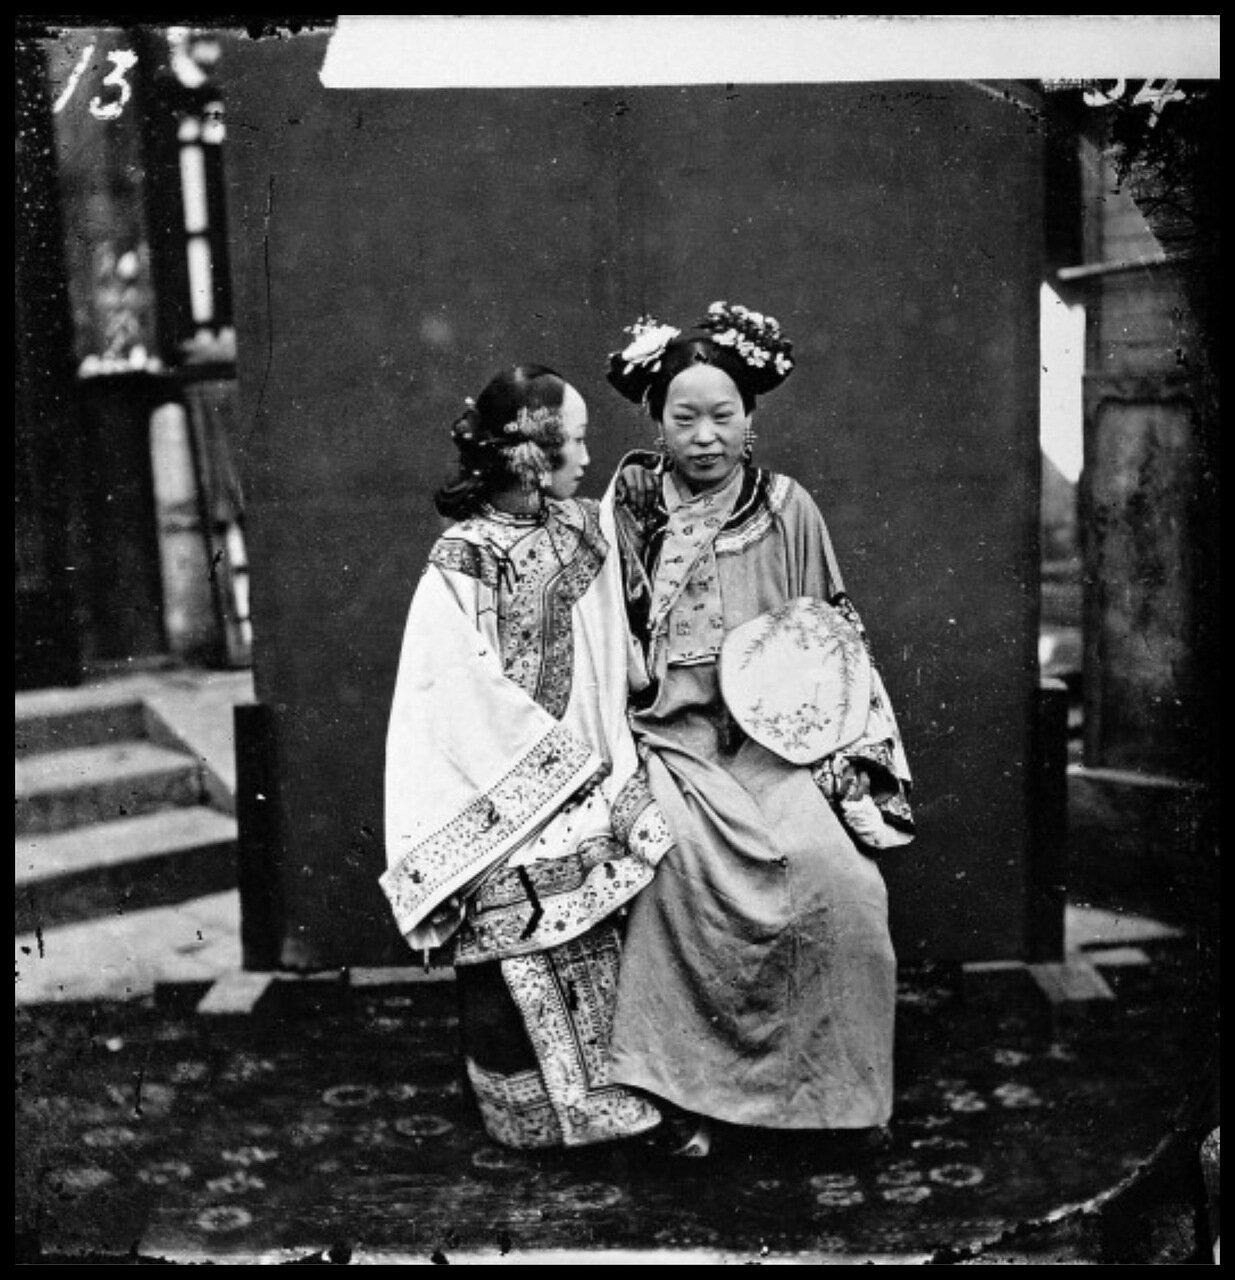 1871. Маньчжурская невеста в свадебном наряде, Пекин